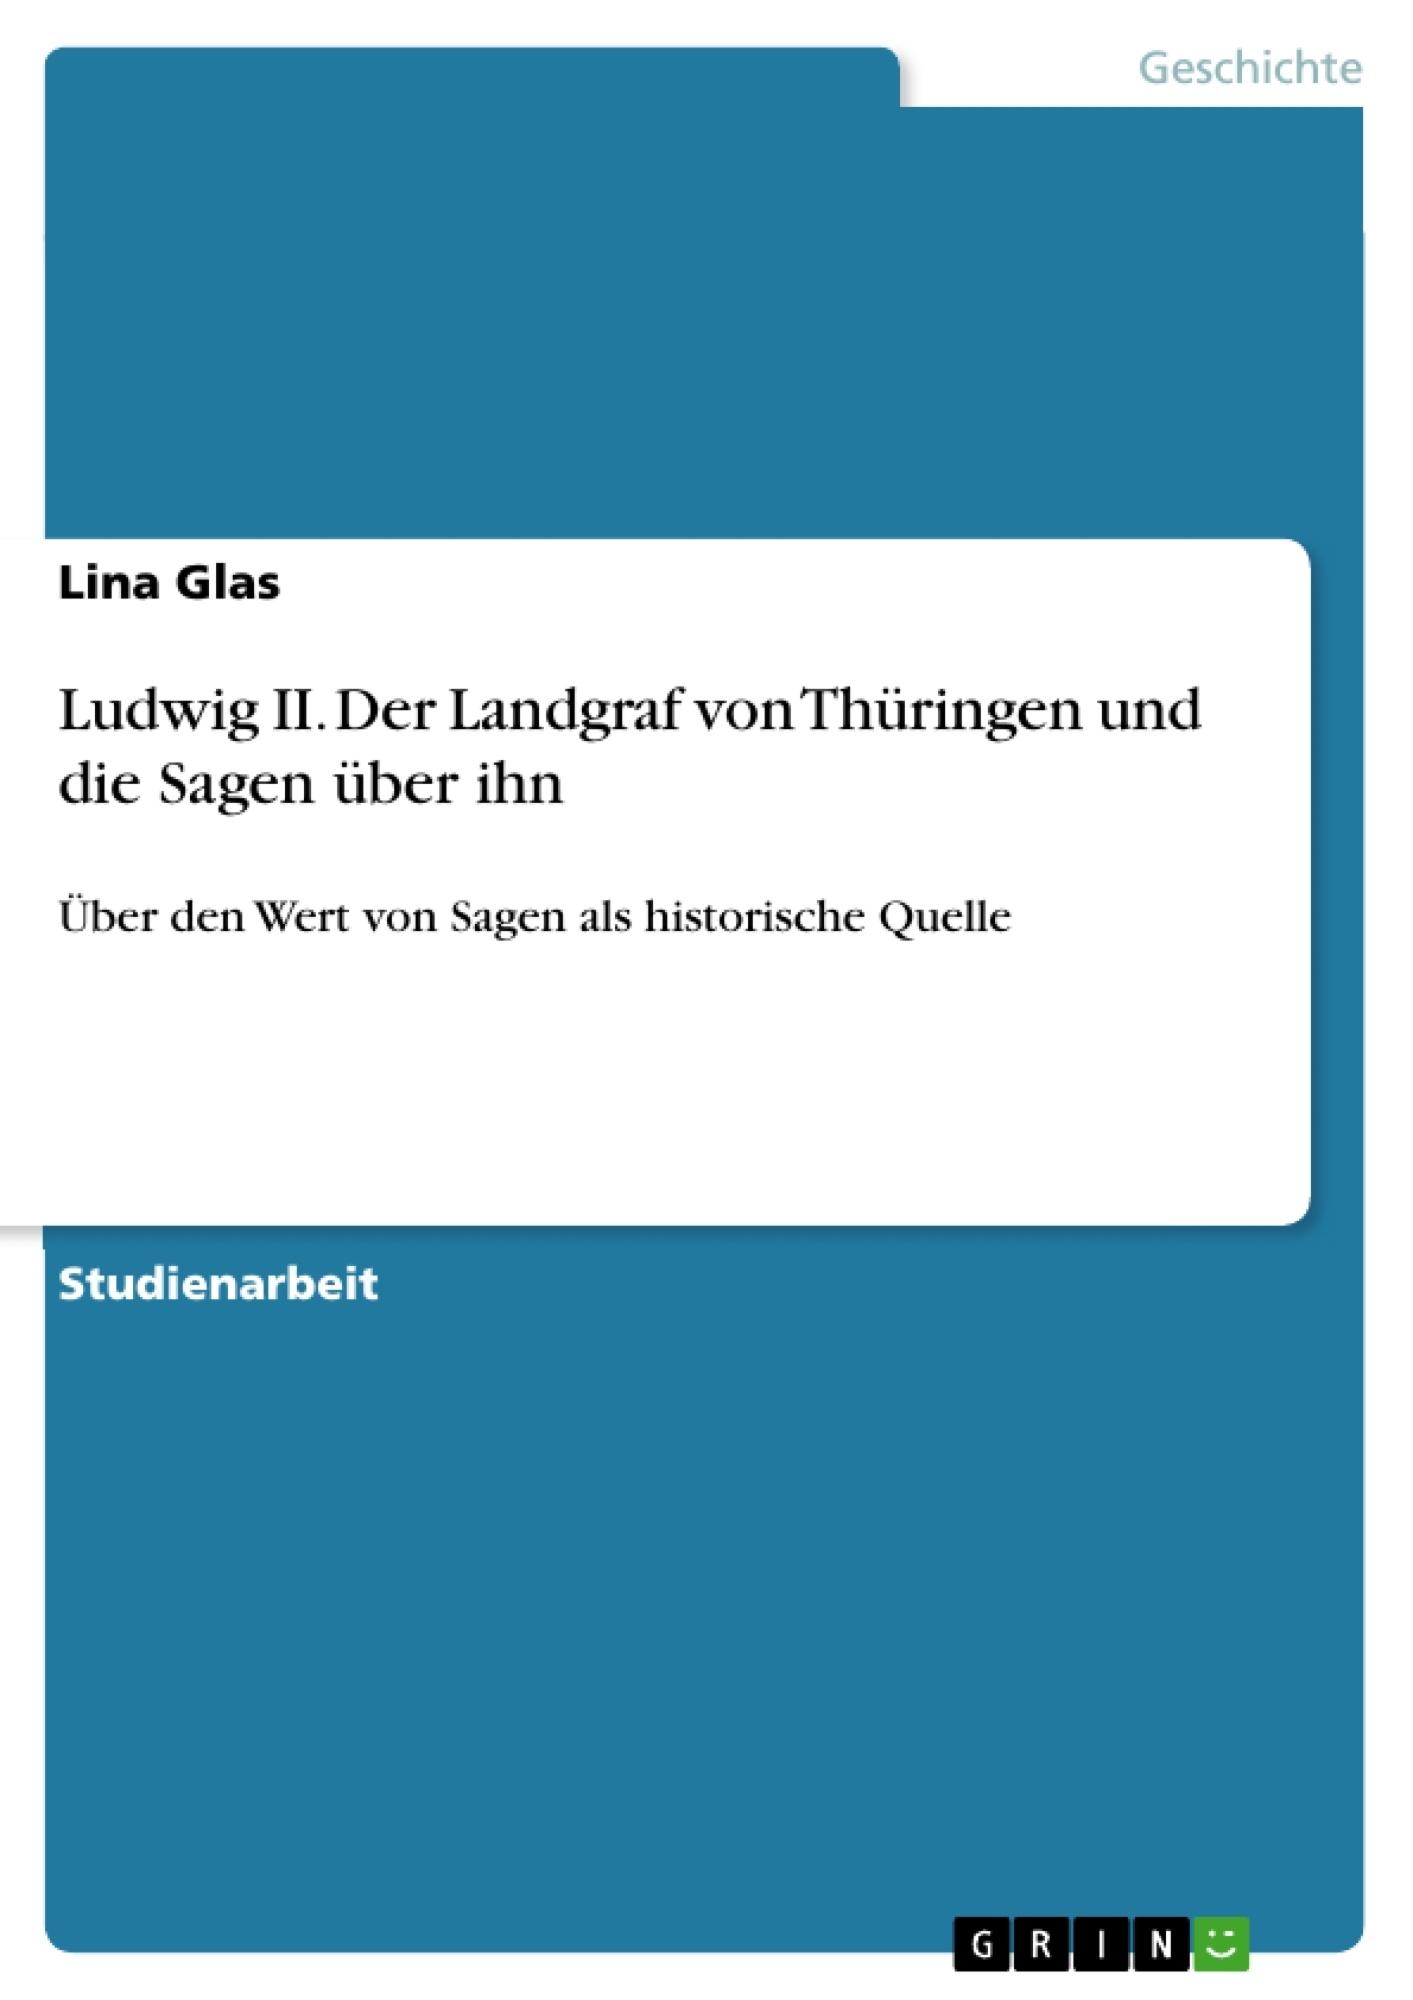 Titel: Ludwig II. Der Landgraf von Thüringen und die Sagen über ihn